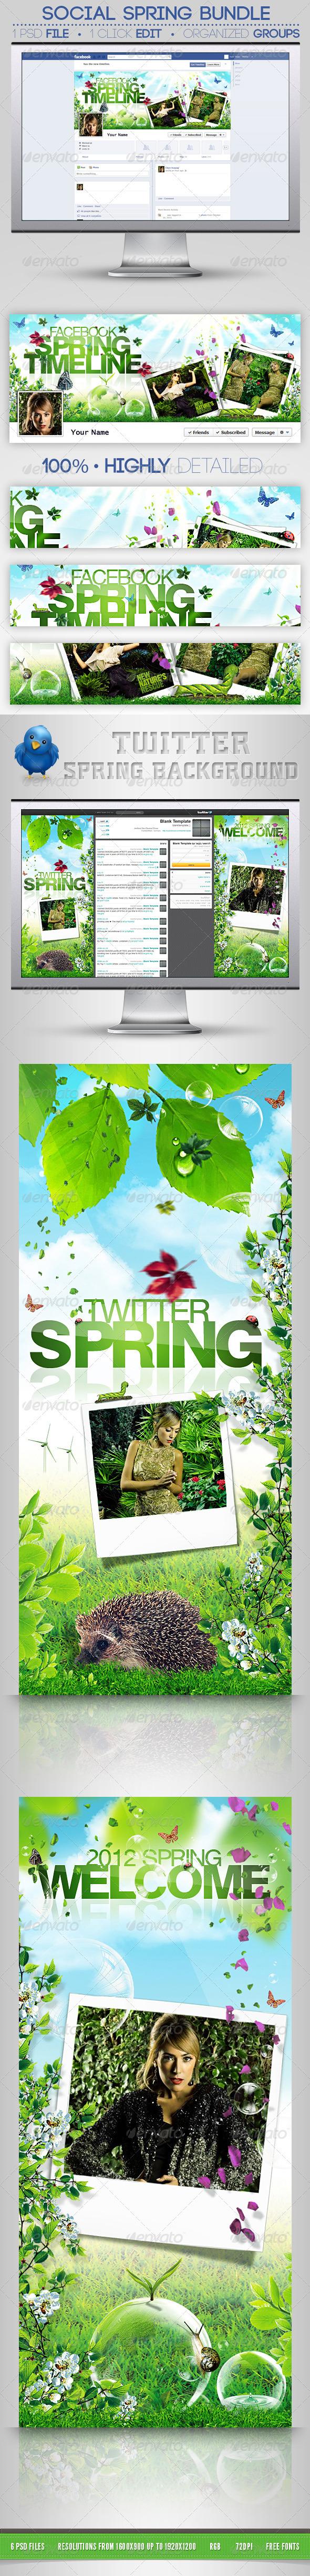 Social Spring Bundle FB Timeline & Twitter BG - Social Media Web Elements